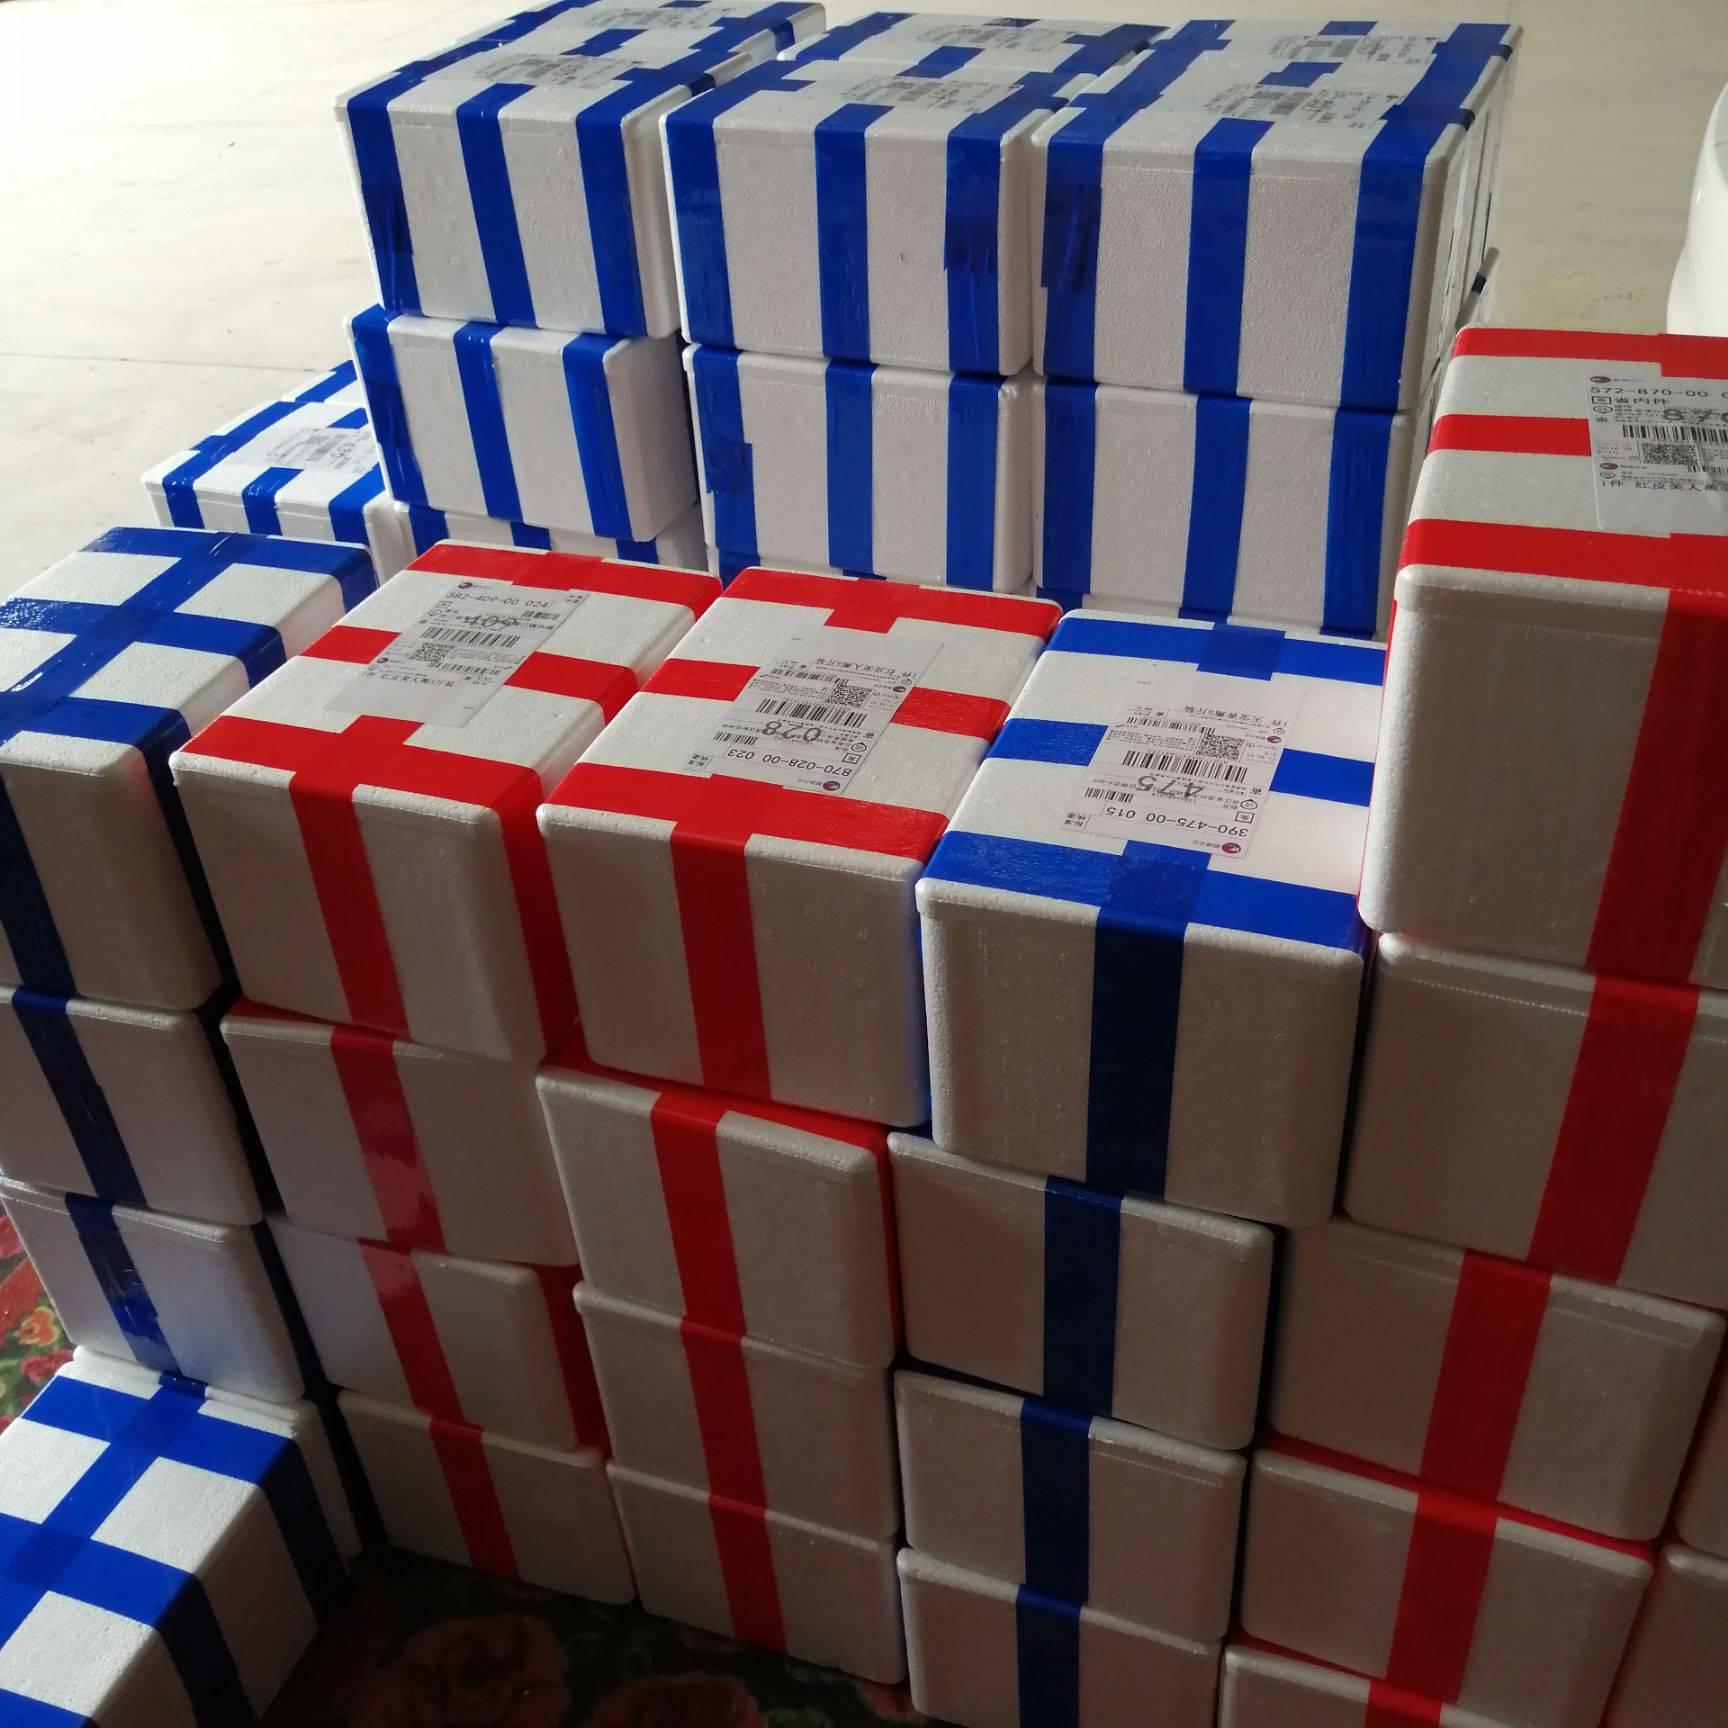 红香蕉 火龙蕉生蕉发货无催熟剂泡沫箱+真空净重5斤装包邮无痕发货